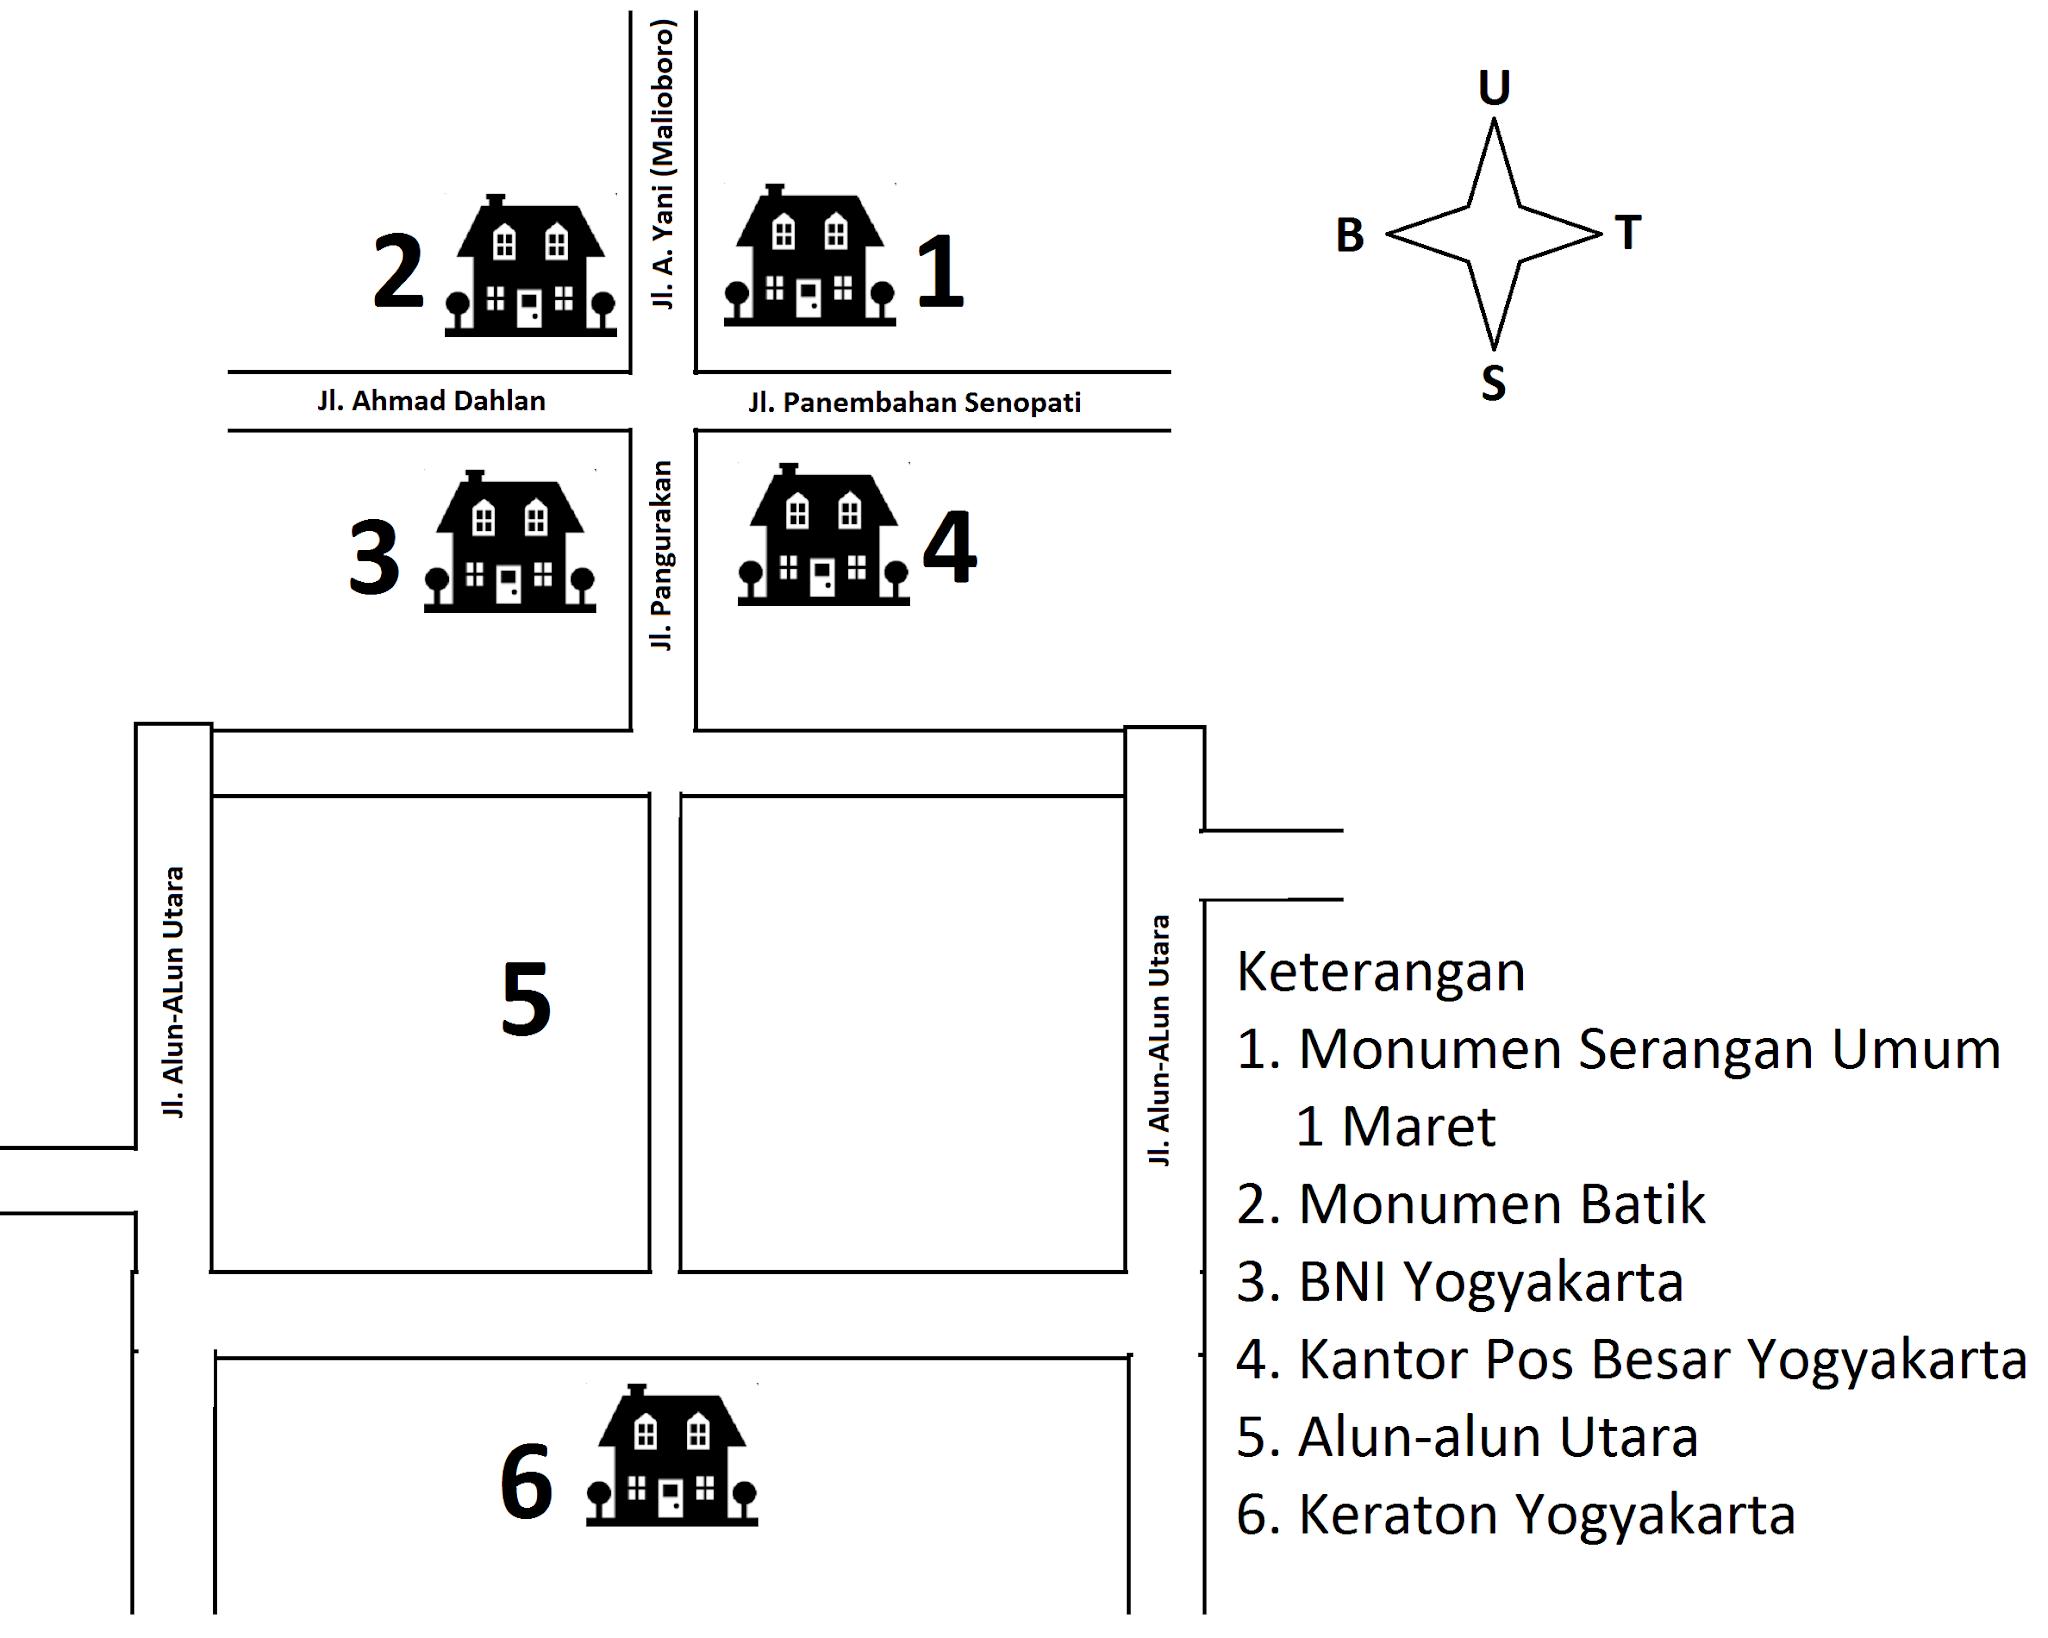 Lokasi Kantor Pos Besar Yogyakarta